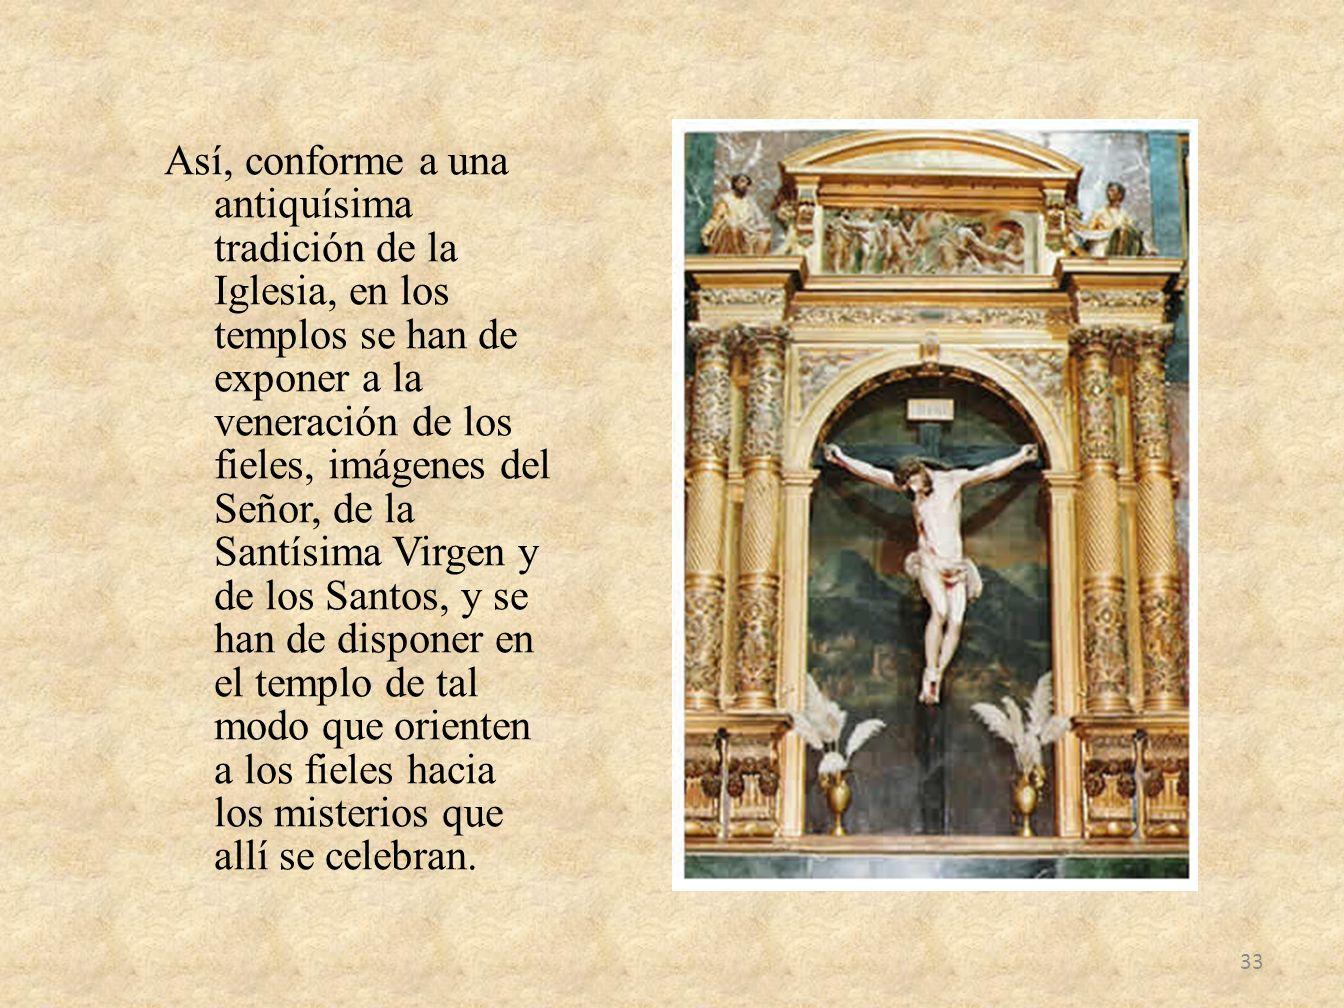 Así, conforme a una antiquísima tradición de la Iglesia, en los templos se han de exponer a la veneración de los fieles, imágenes del Señor, de la San